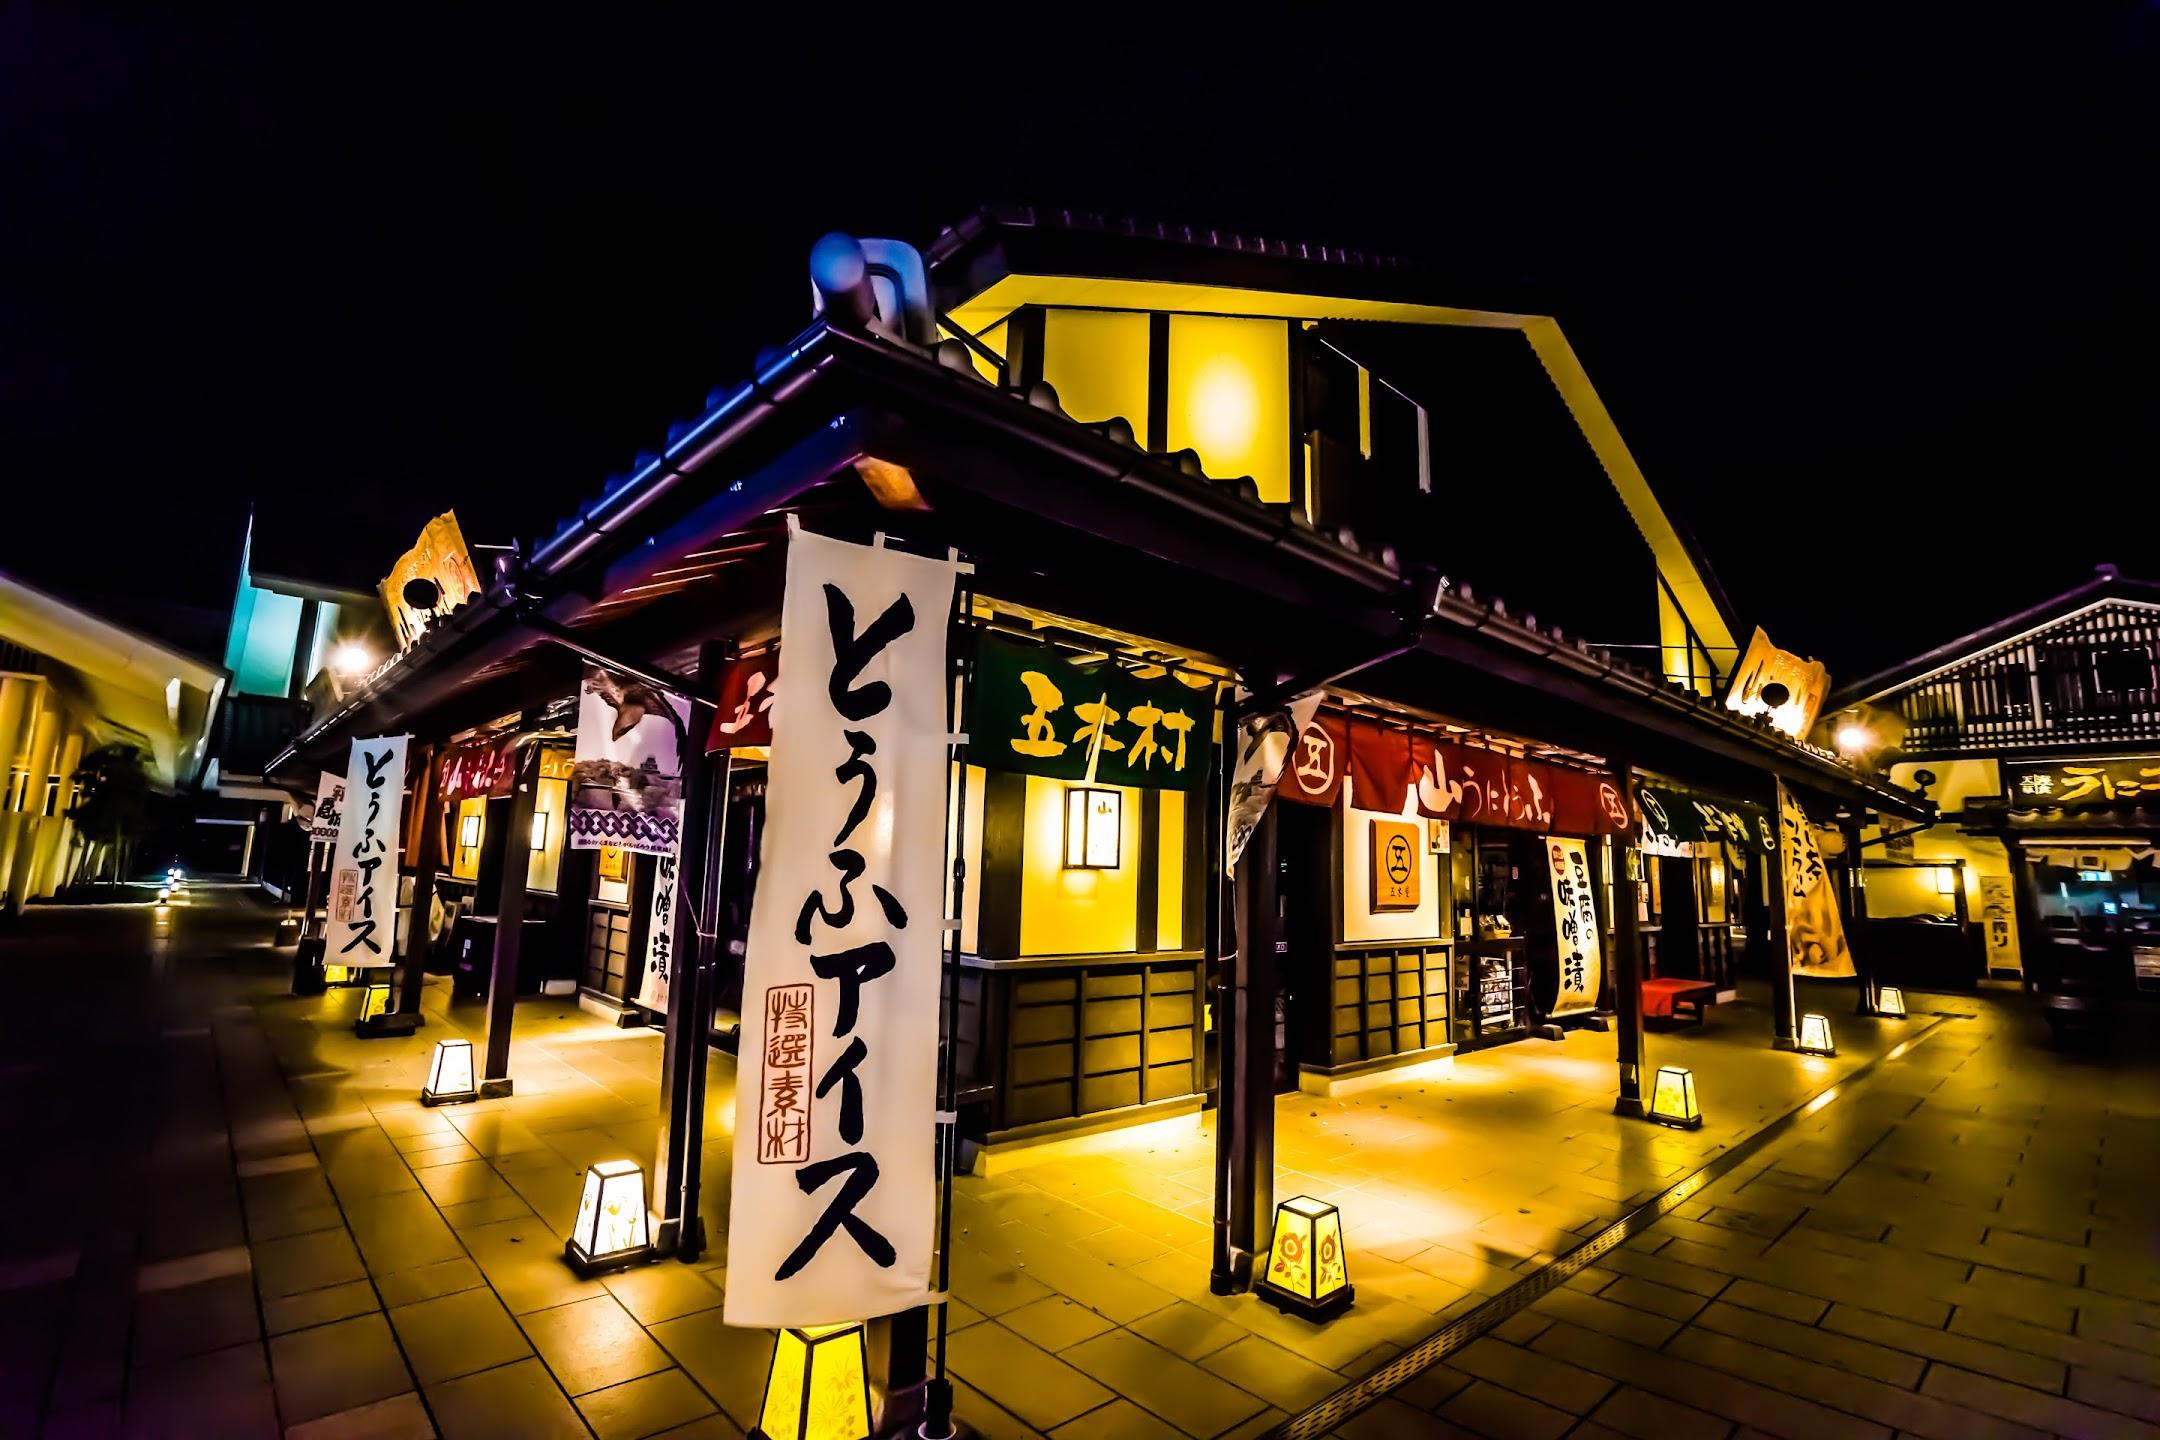 熊本 桜の小路 ライトアップ2